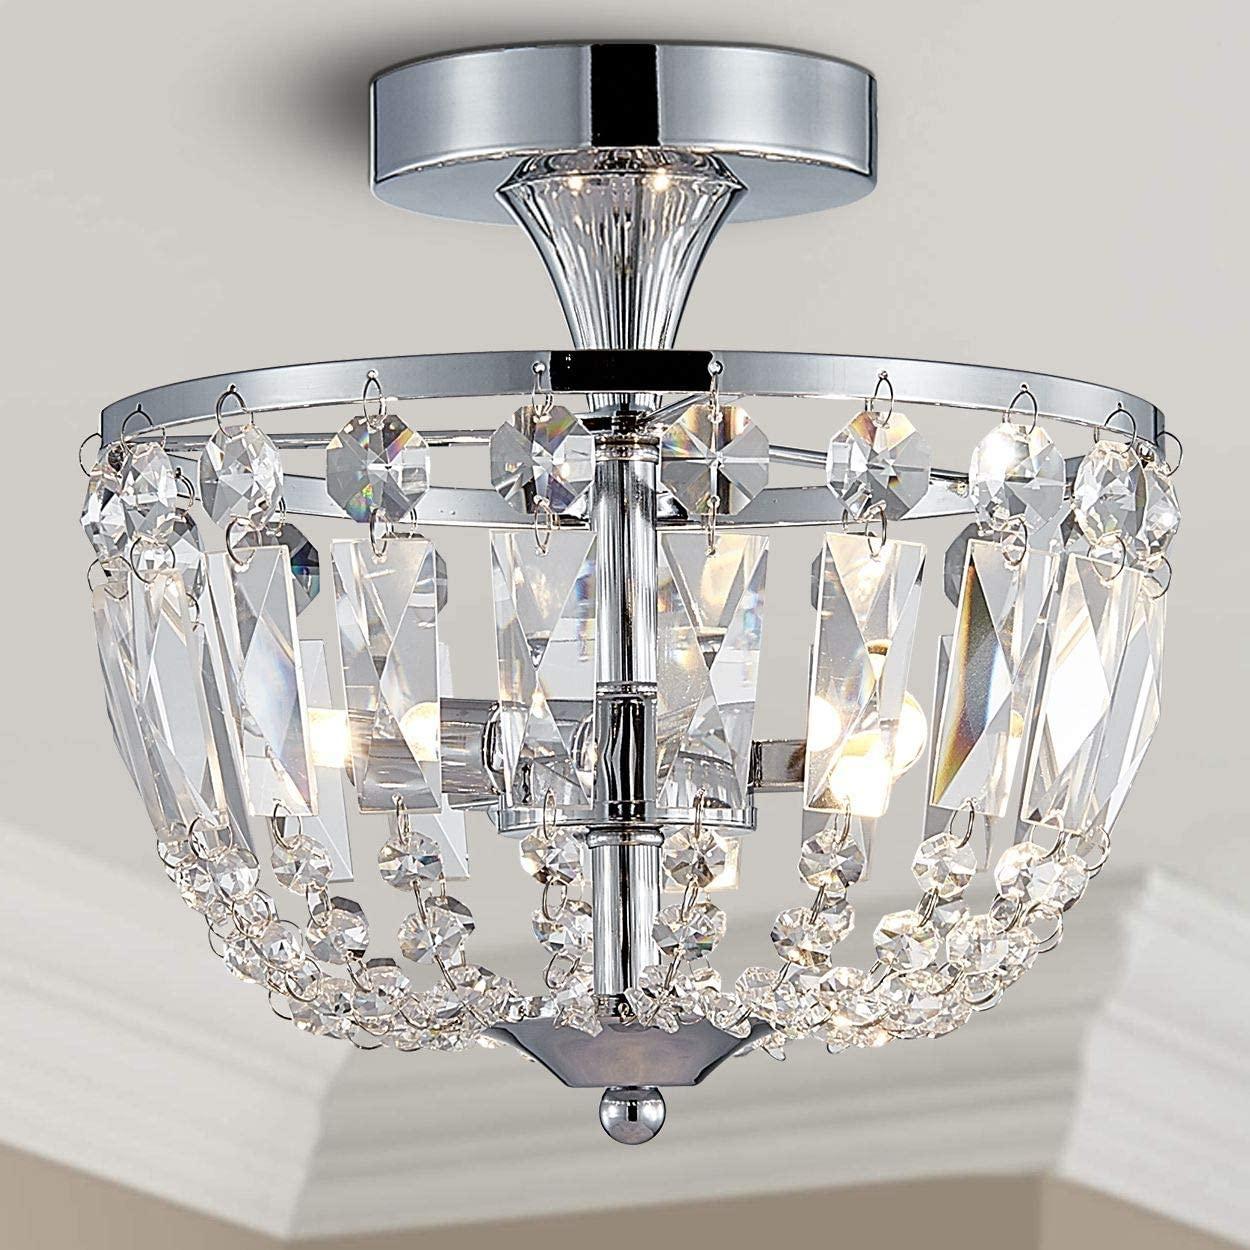 Bestier Modern Chrome Crystal Semi Flushmount Chandelier Lighting LED Ceiling Light Fixture Lamp for Dining Room Bathroom Bedroom Livingroom Diameter 9